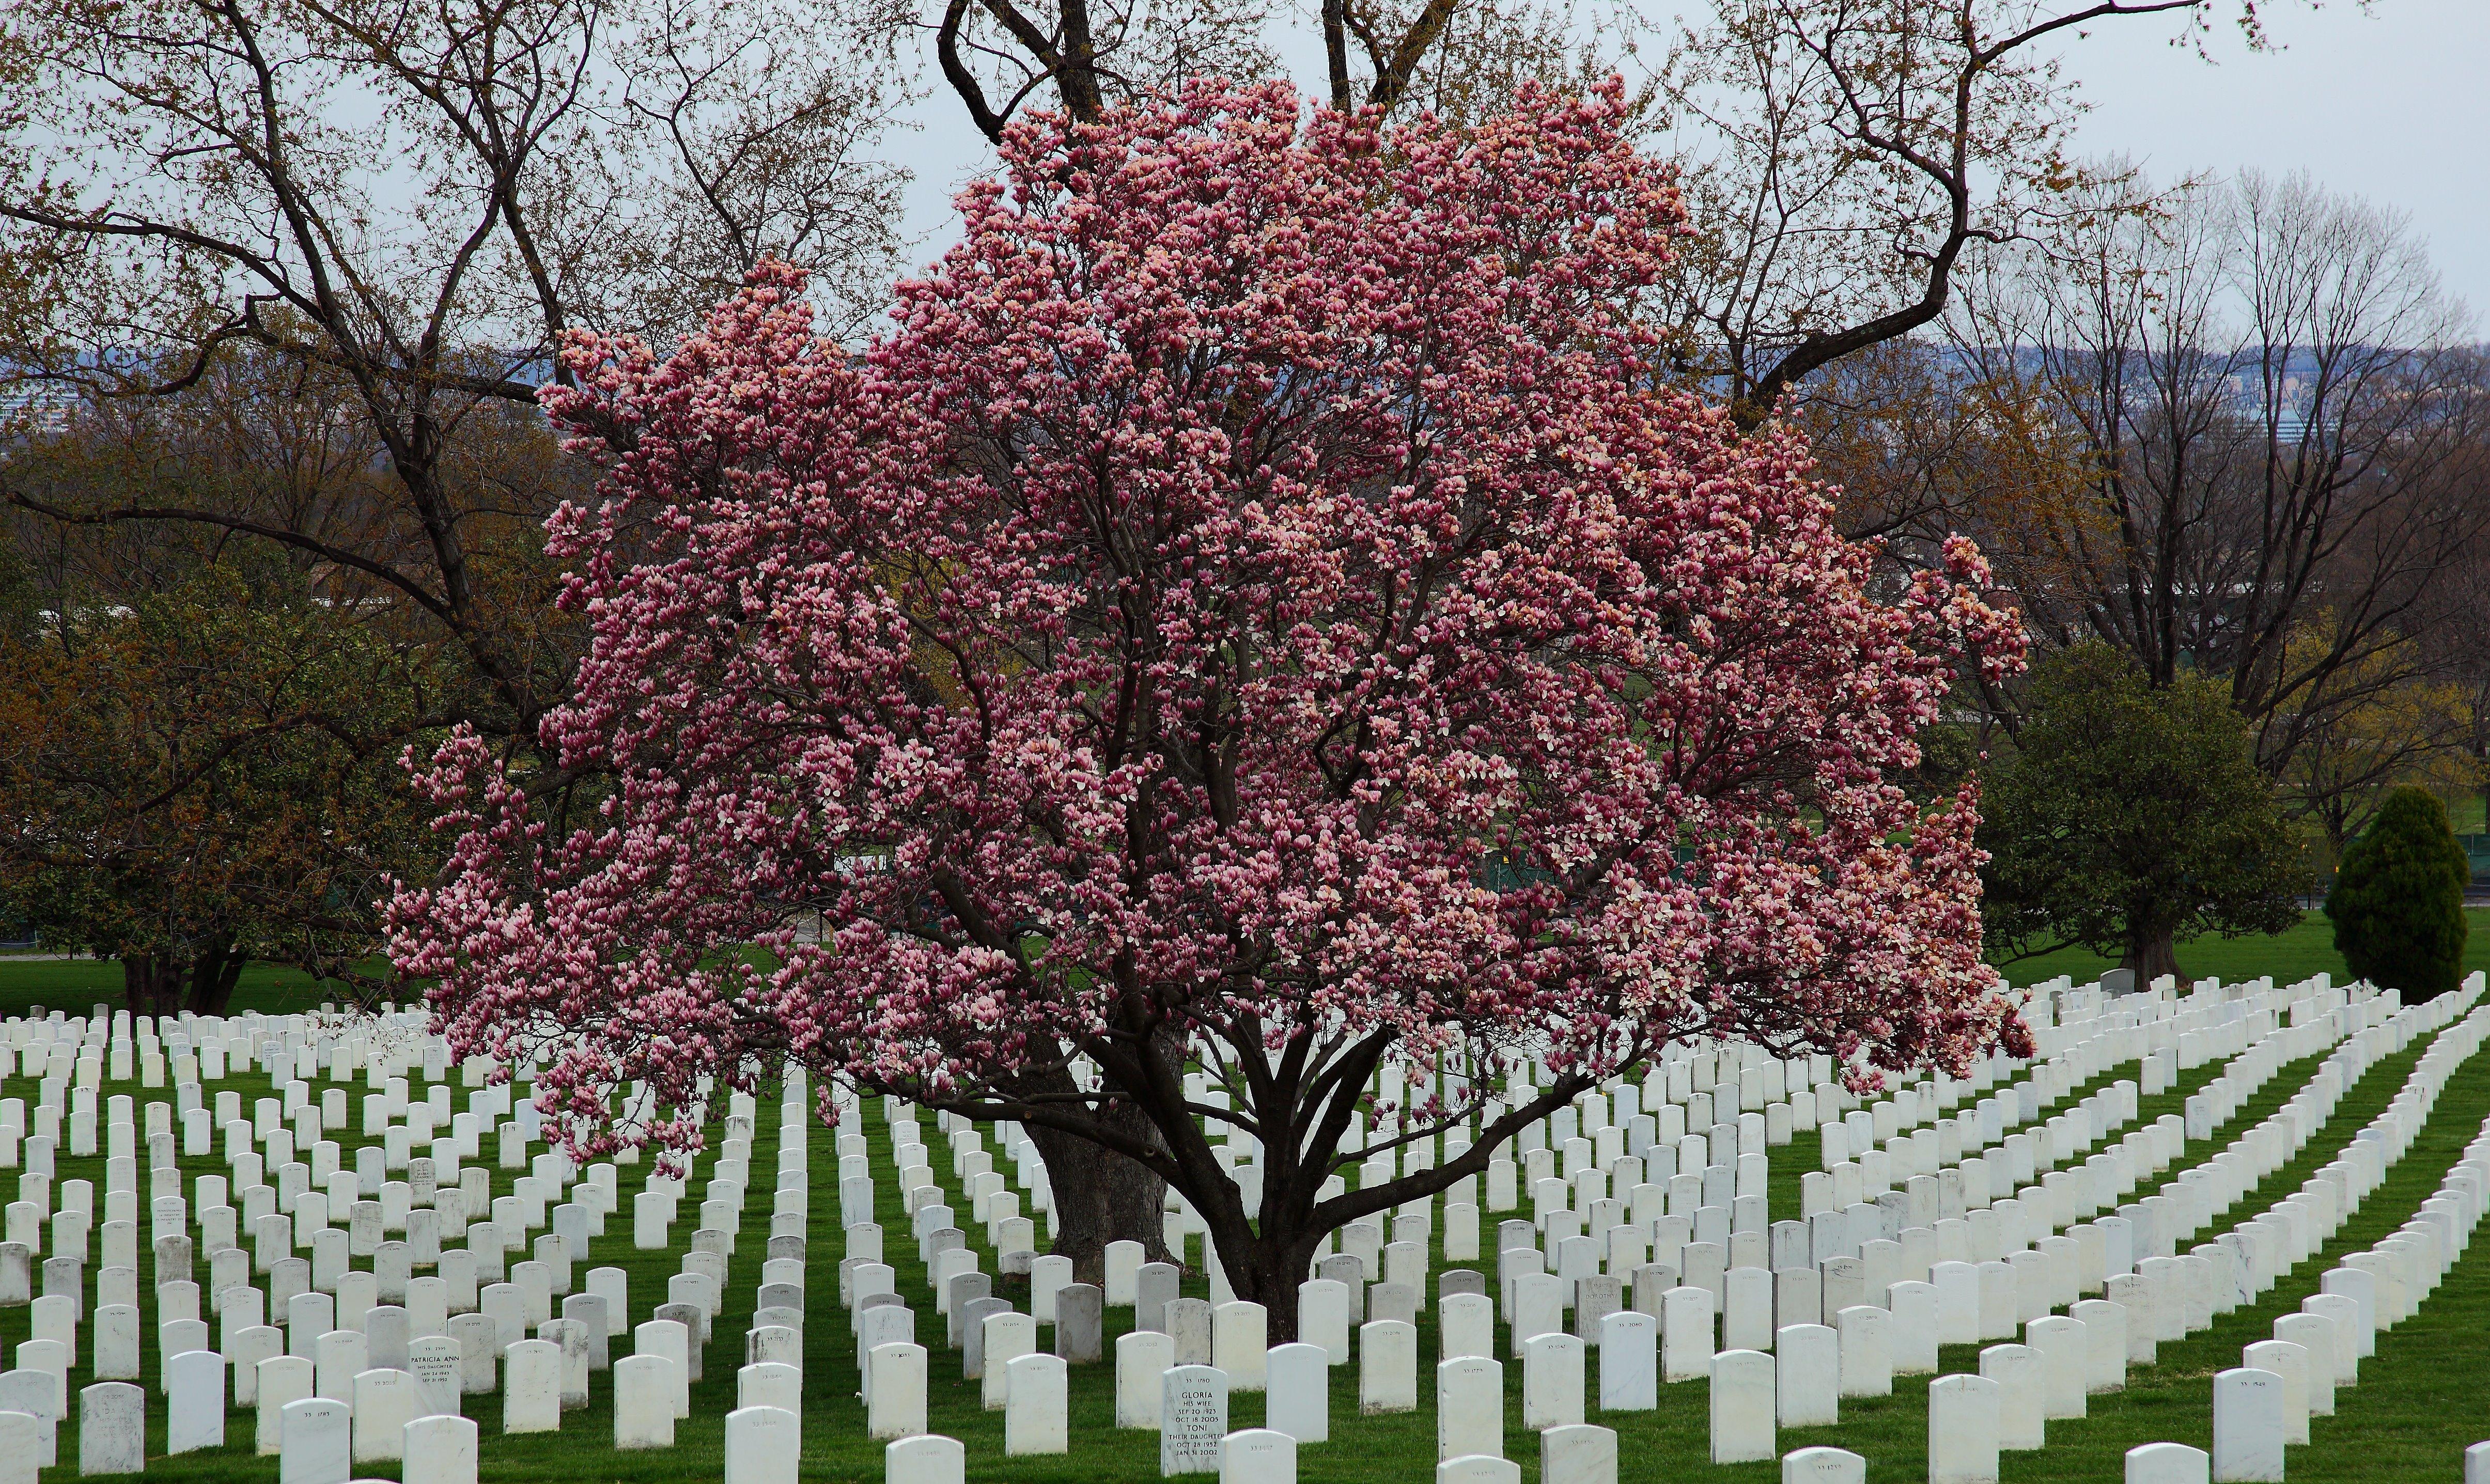 Fileflowering Magnolia Tree Arlington Cemetery West Virginia